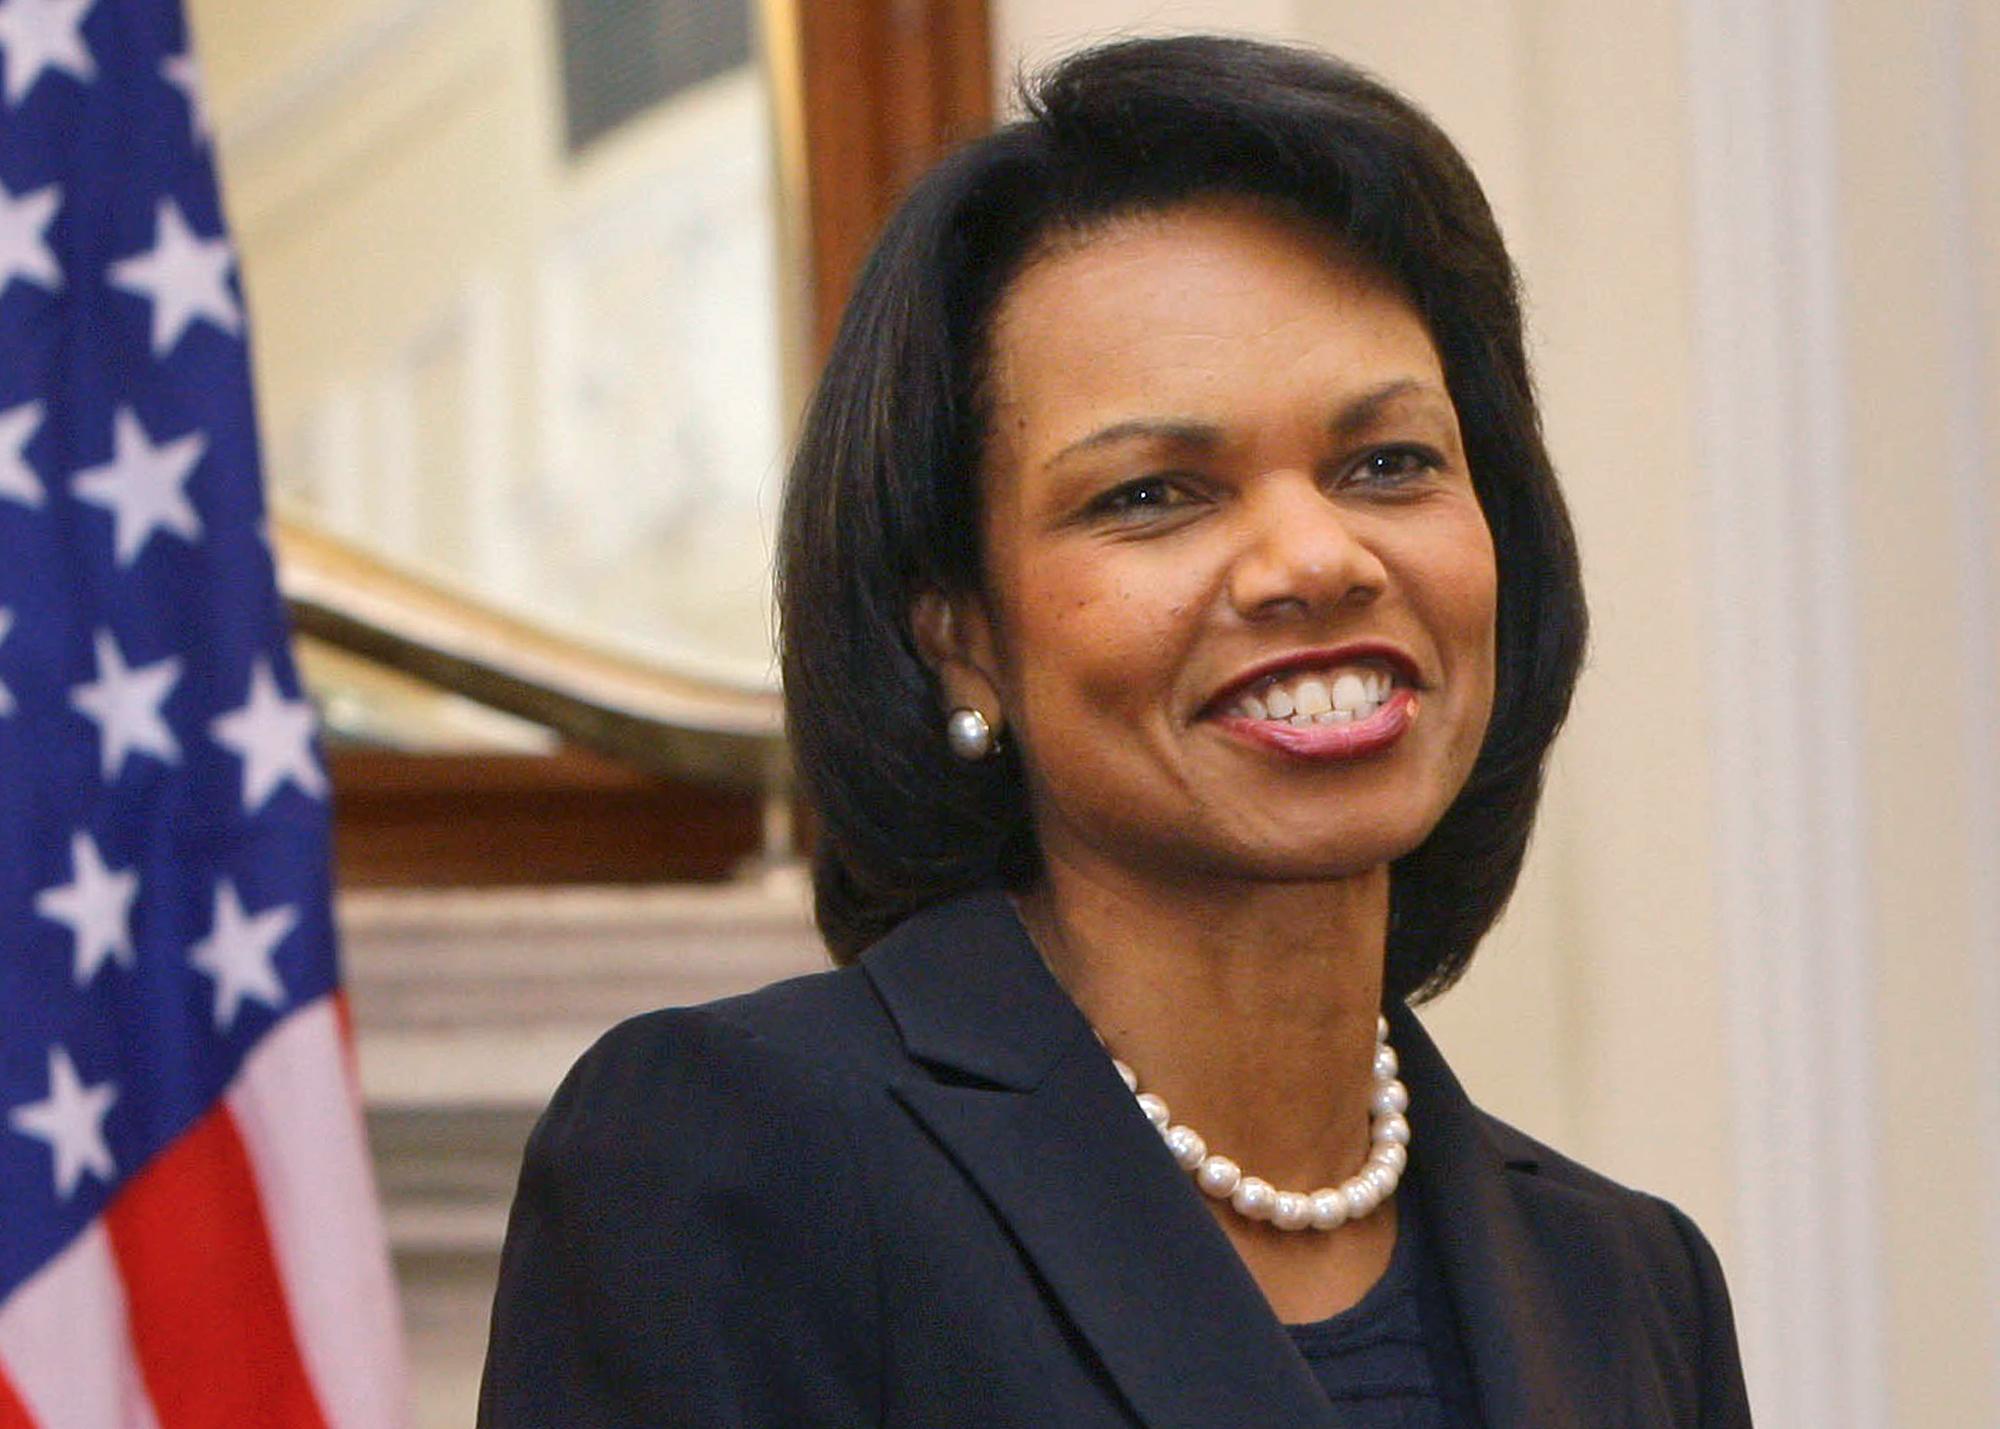 Condoleezza Rice sorri (© AP Images)